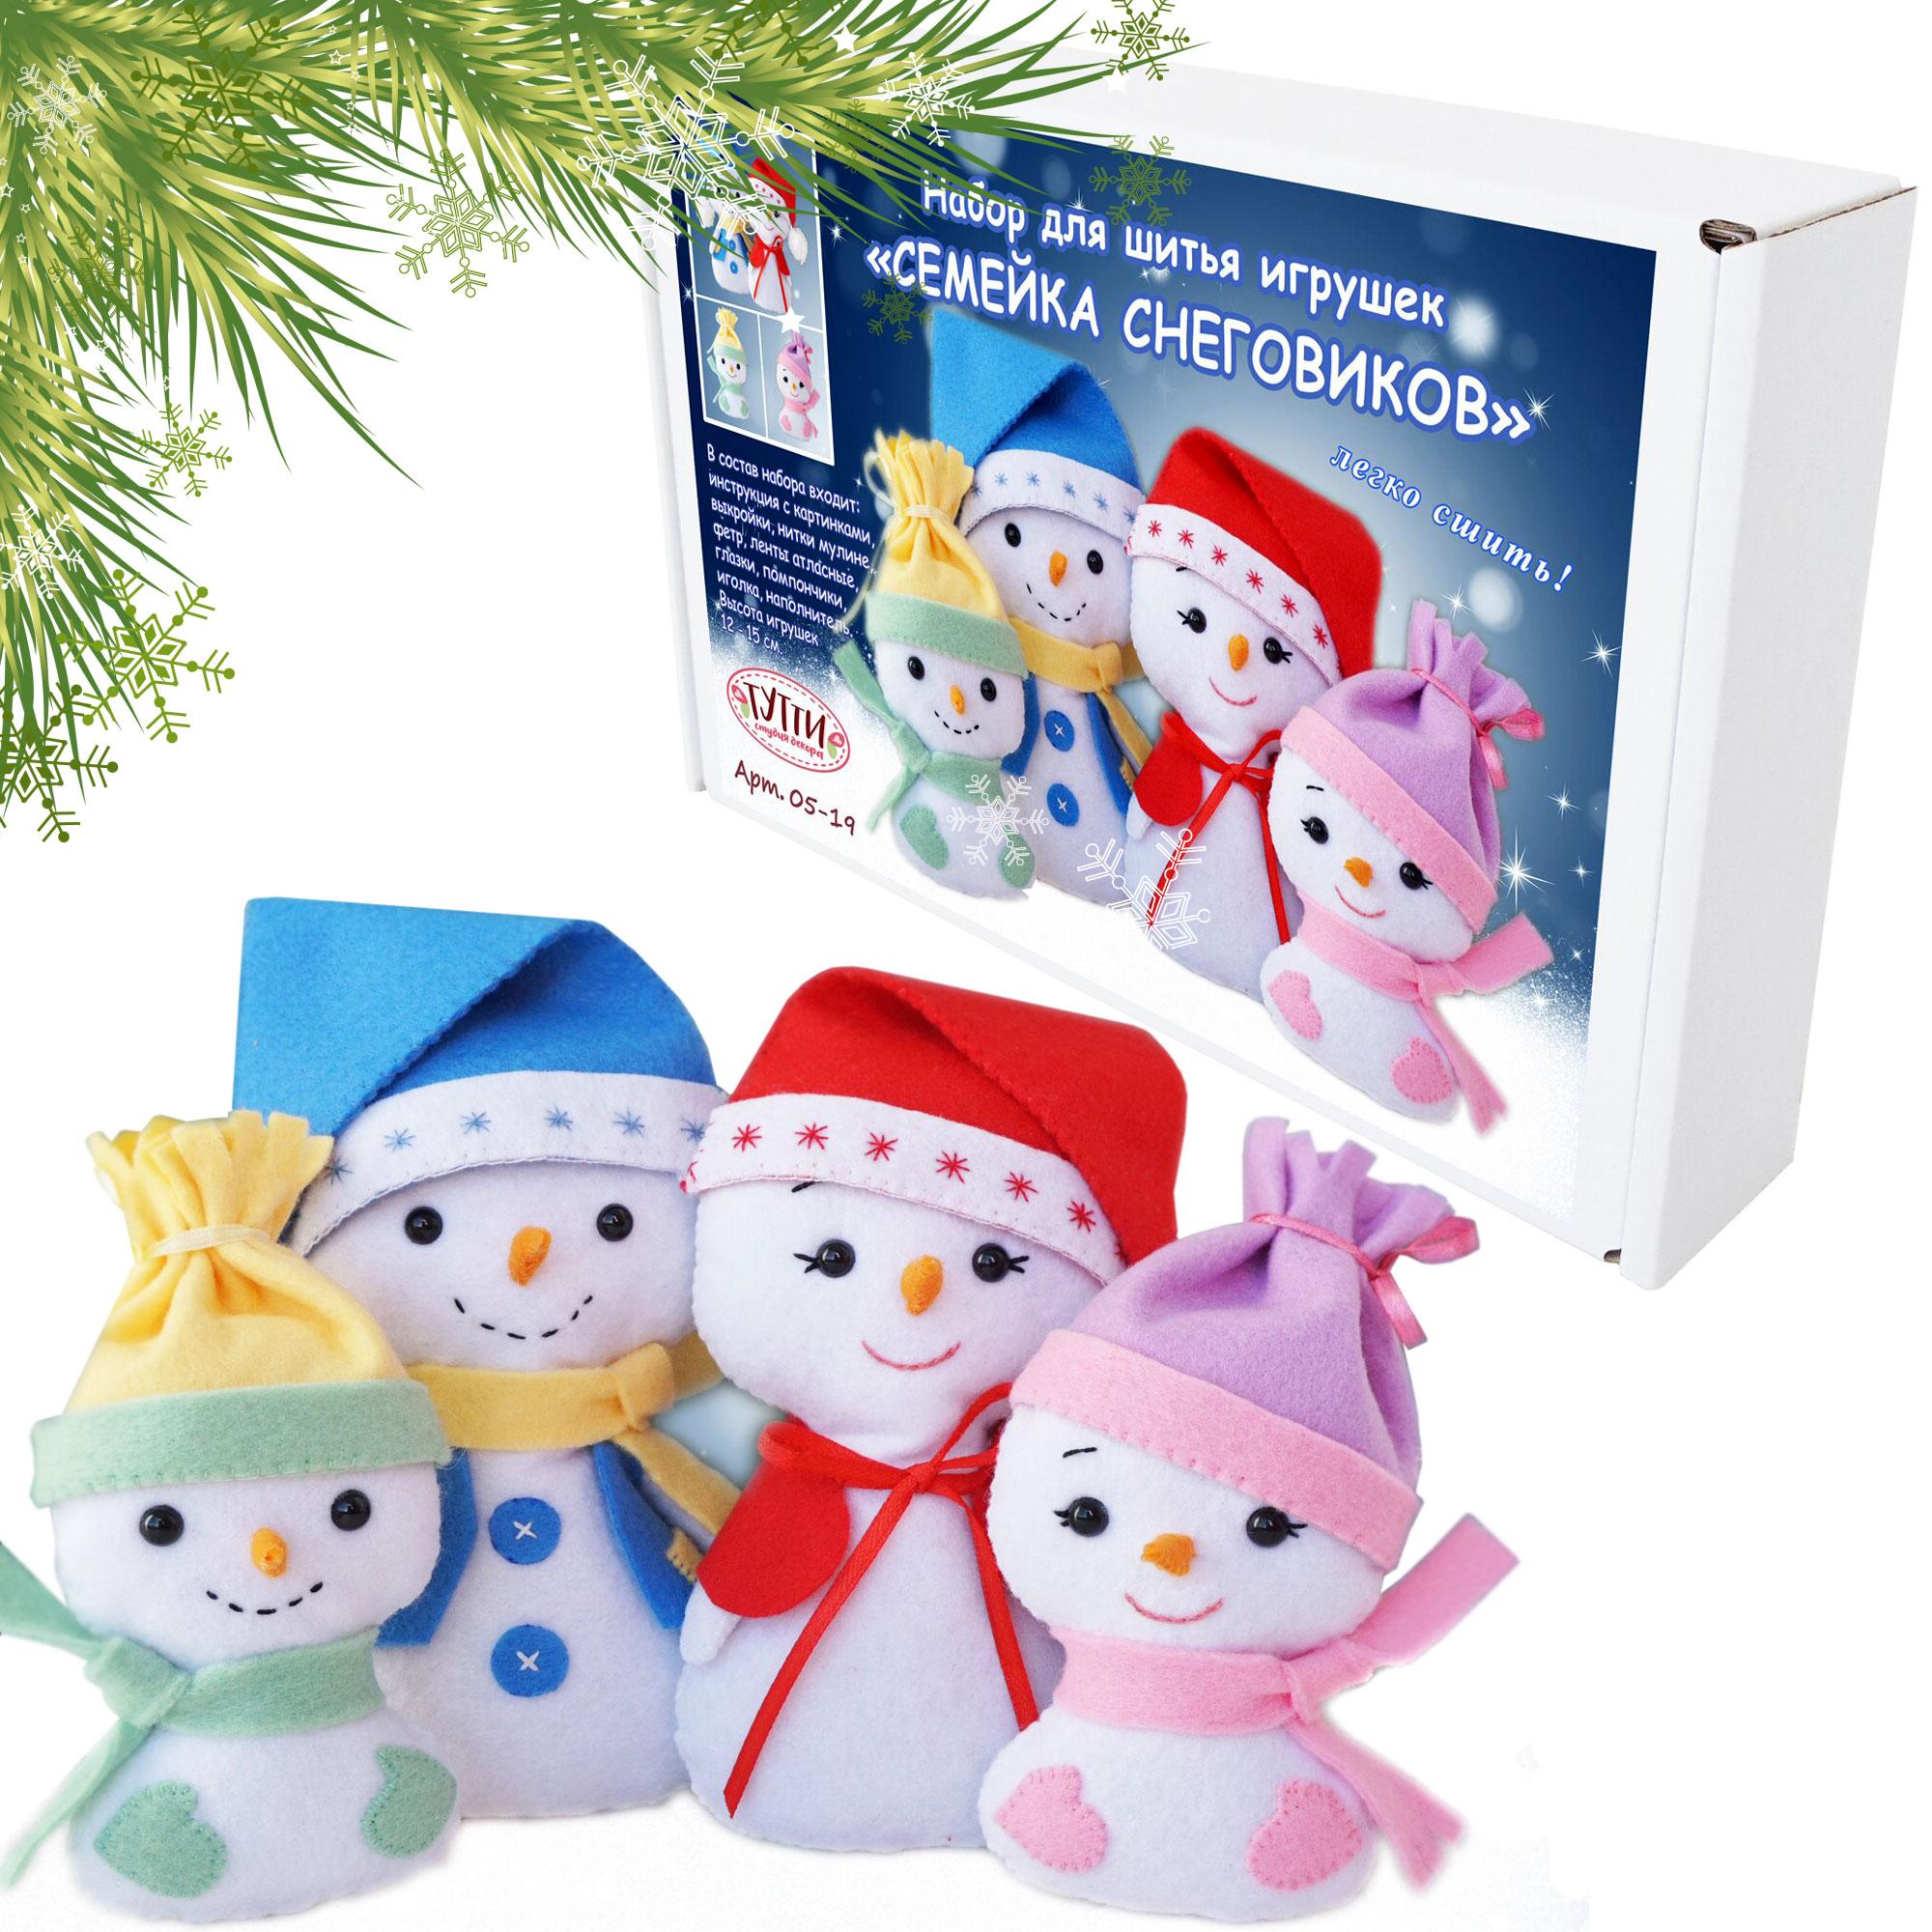 Набор для шитья игрушки «Семейка Снеговиков»